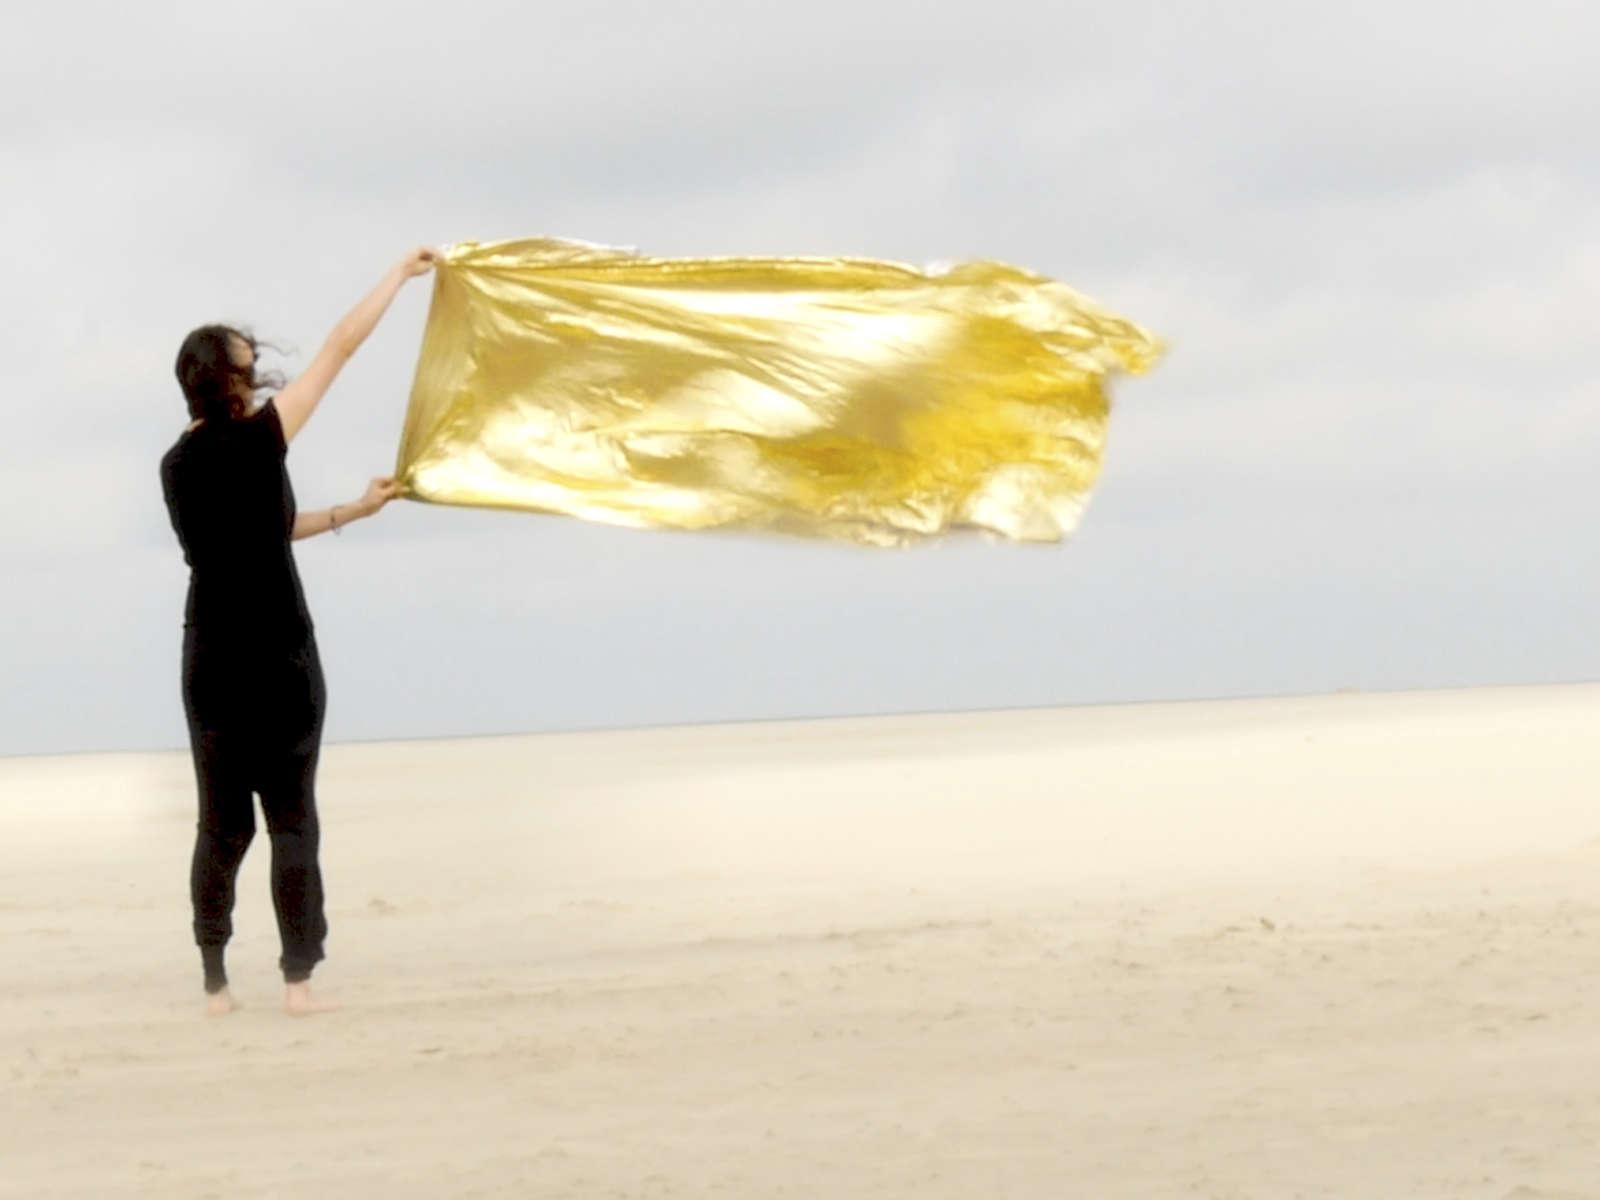 Schwarz gekleidete Frau steht in einer Wüste und hält ein goldenes Tuch in den starken Wind unter bedecktem Himmel